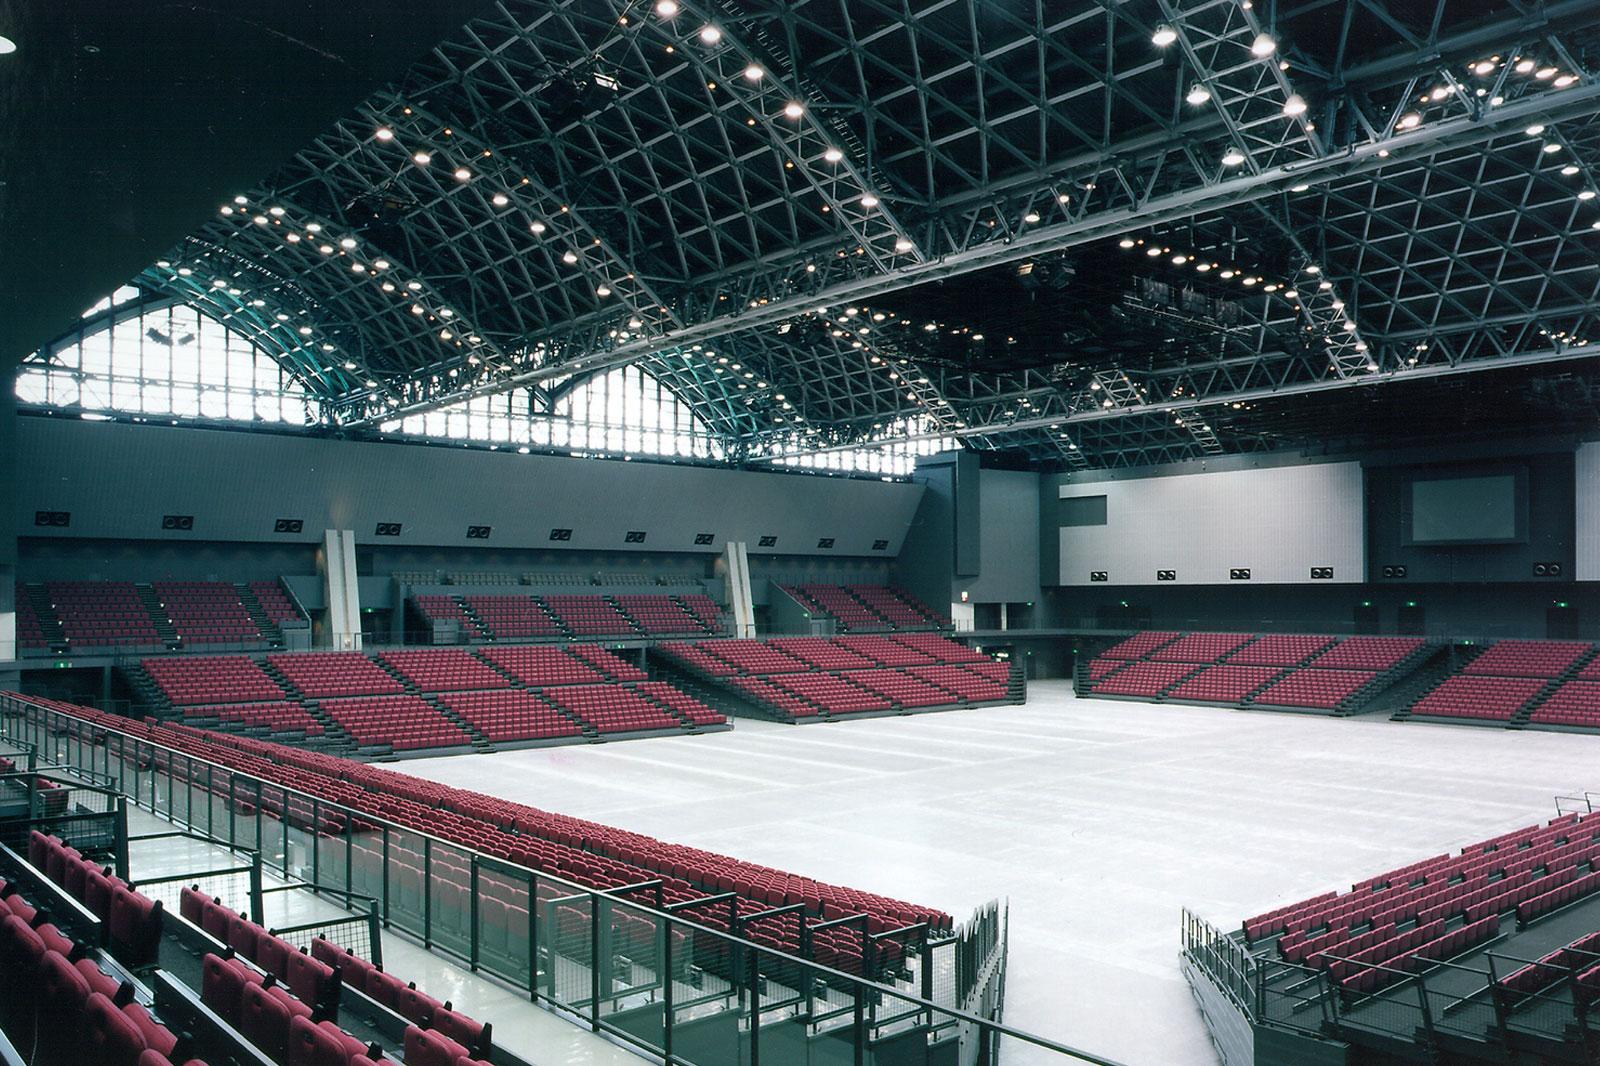 マリンメッセ福岡 | PROJECTS | 株式会社 日本設計